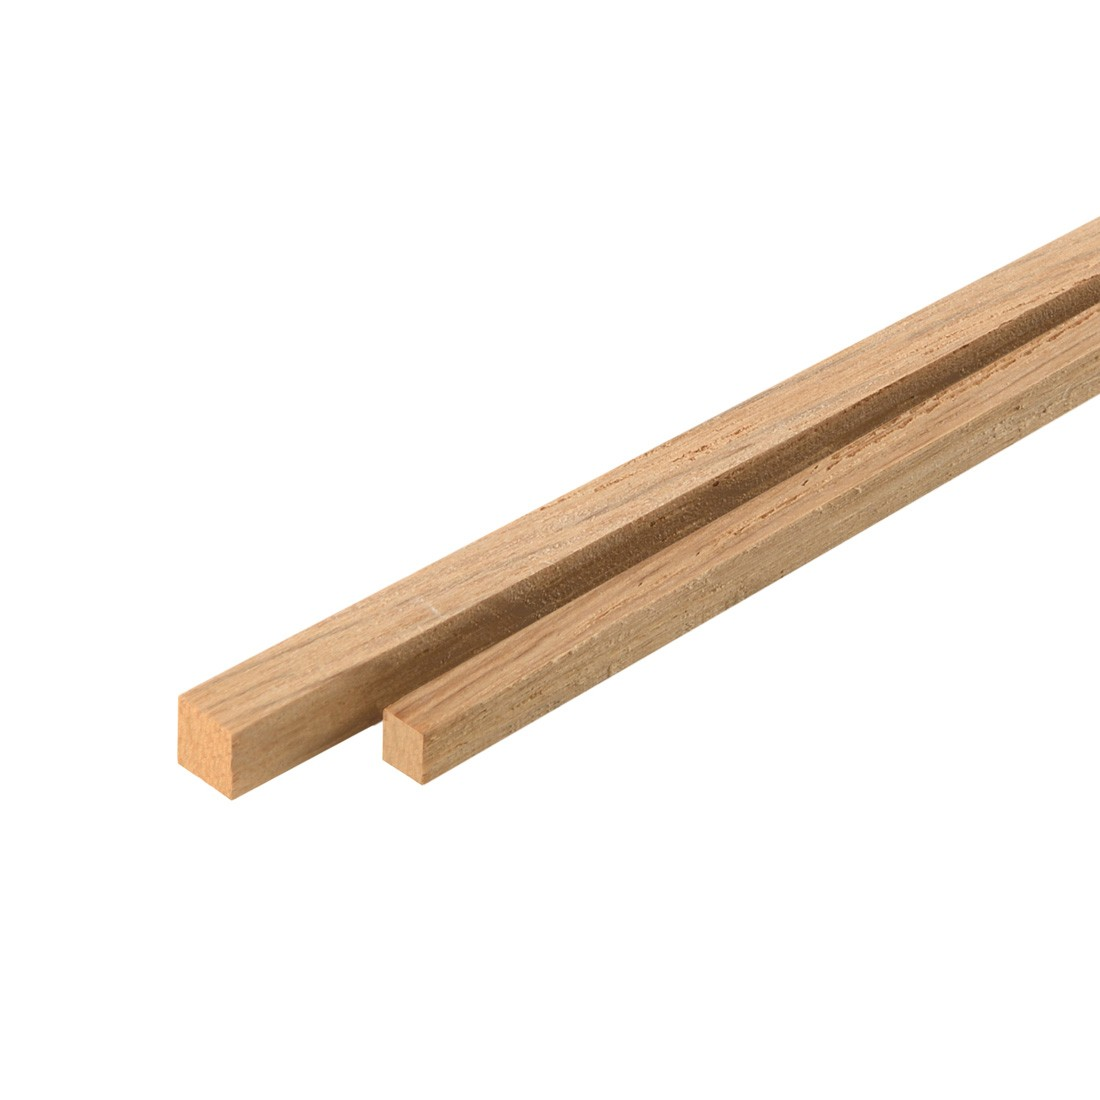 Oak strip mm.4x4